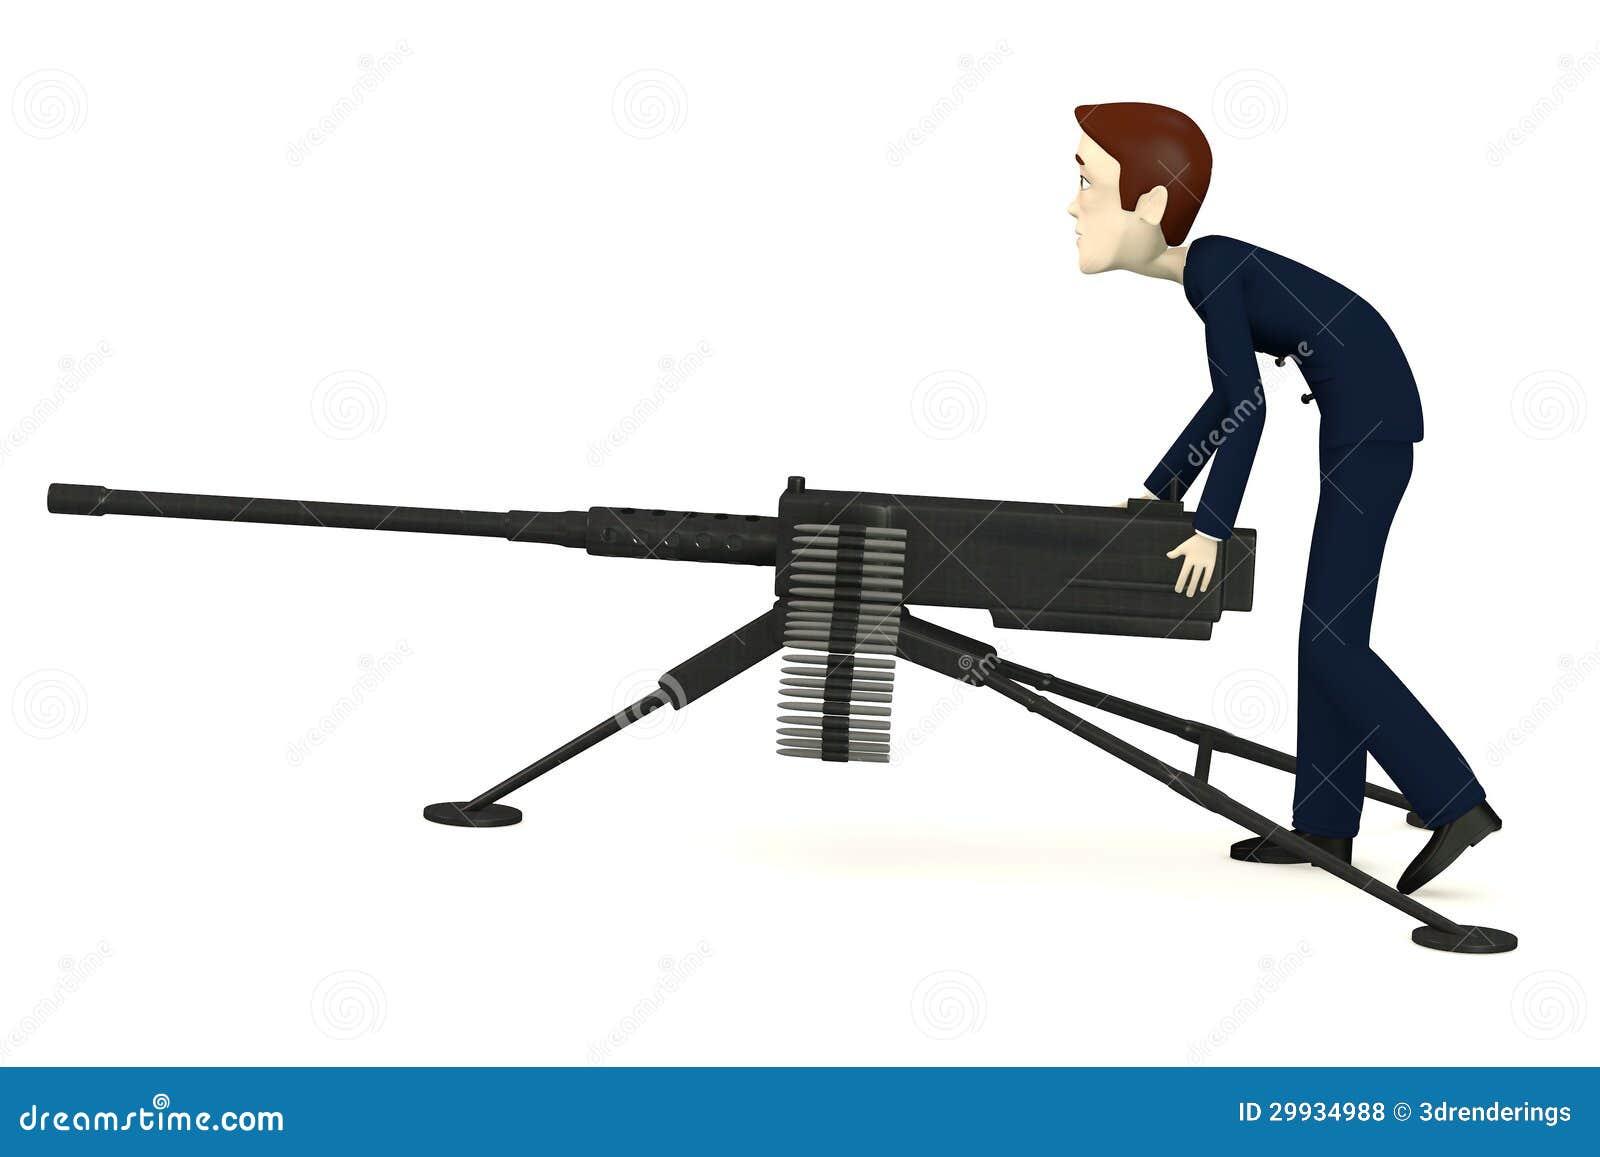 how to draw a cartoon machine gun